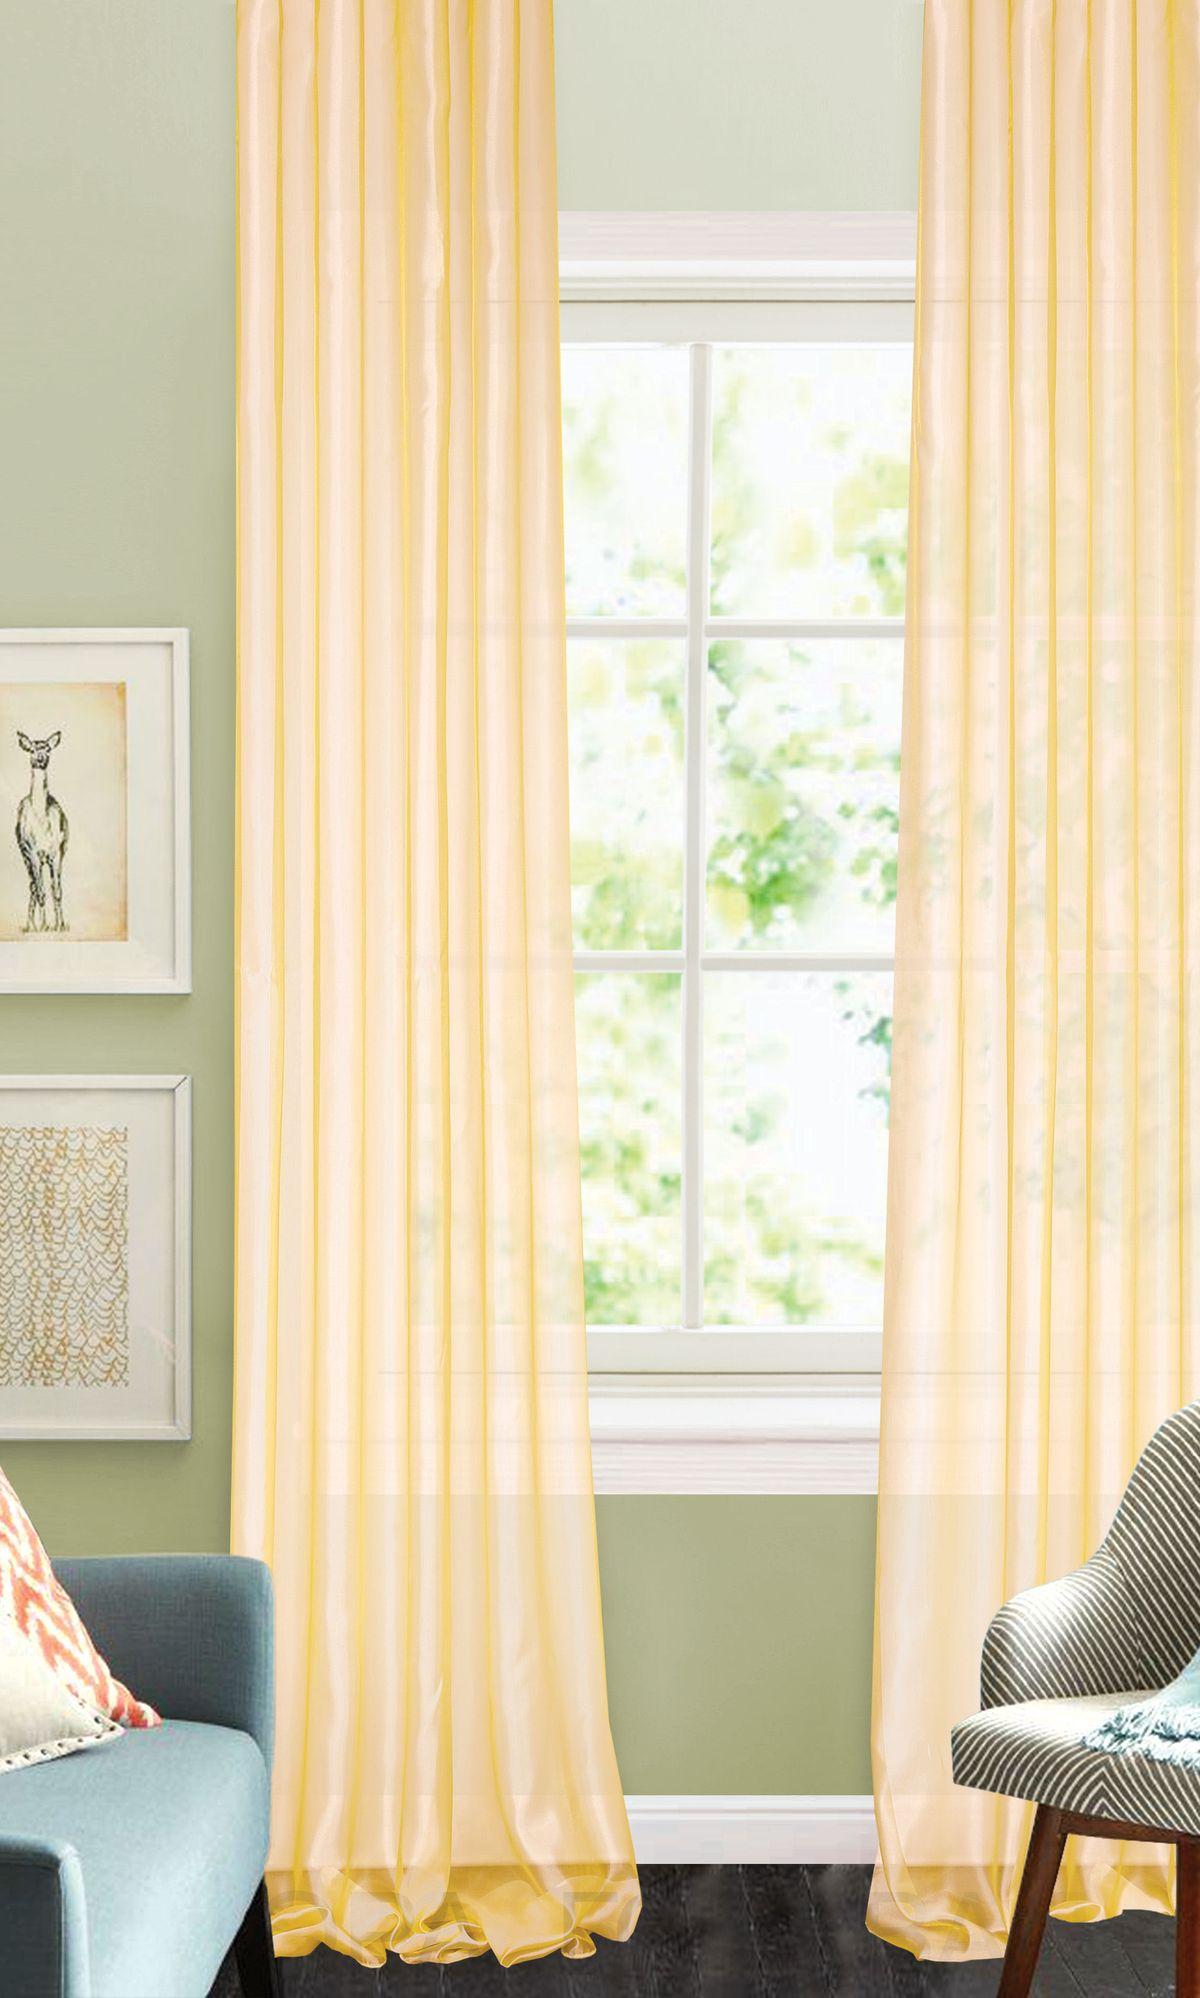 Штора готовая Garden, на ленте, цвет: желтый, 450х270 см. С W875 450х270 V810503Изящная штора для гостиной Garden выполнена из легкой ткани с оригинальной структурой. Приятная текстура и цвет штор привлекут к себе внимание и органично впишутся в интерьер помещения. Штора крепится на карниз при помощи ленты, которая поможет красиво и равномерно задрапировать верх.